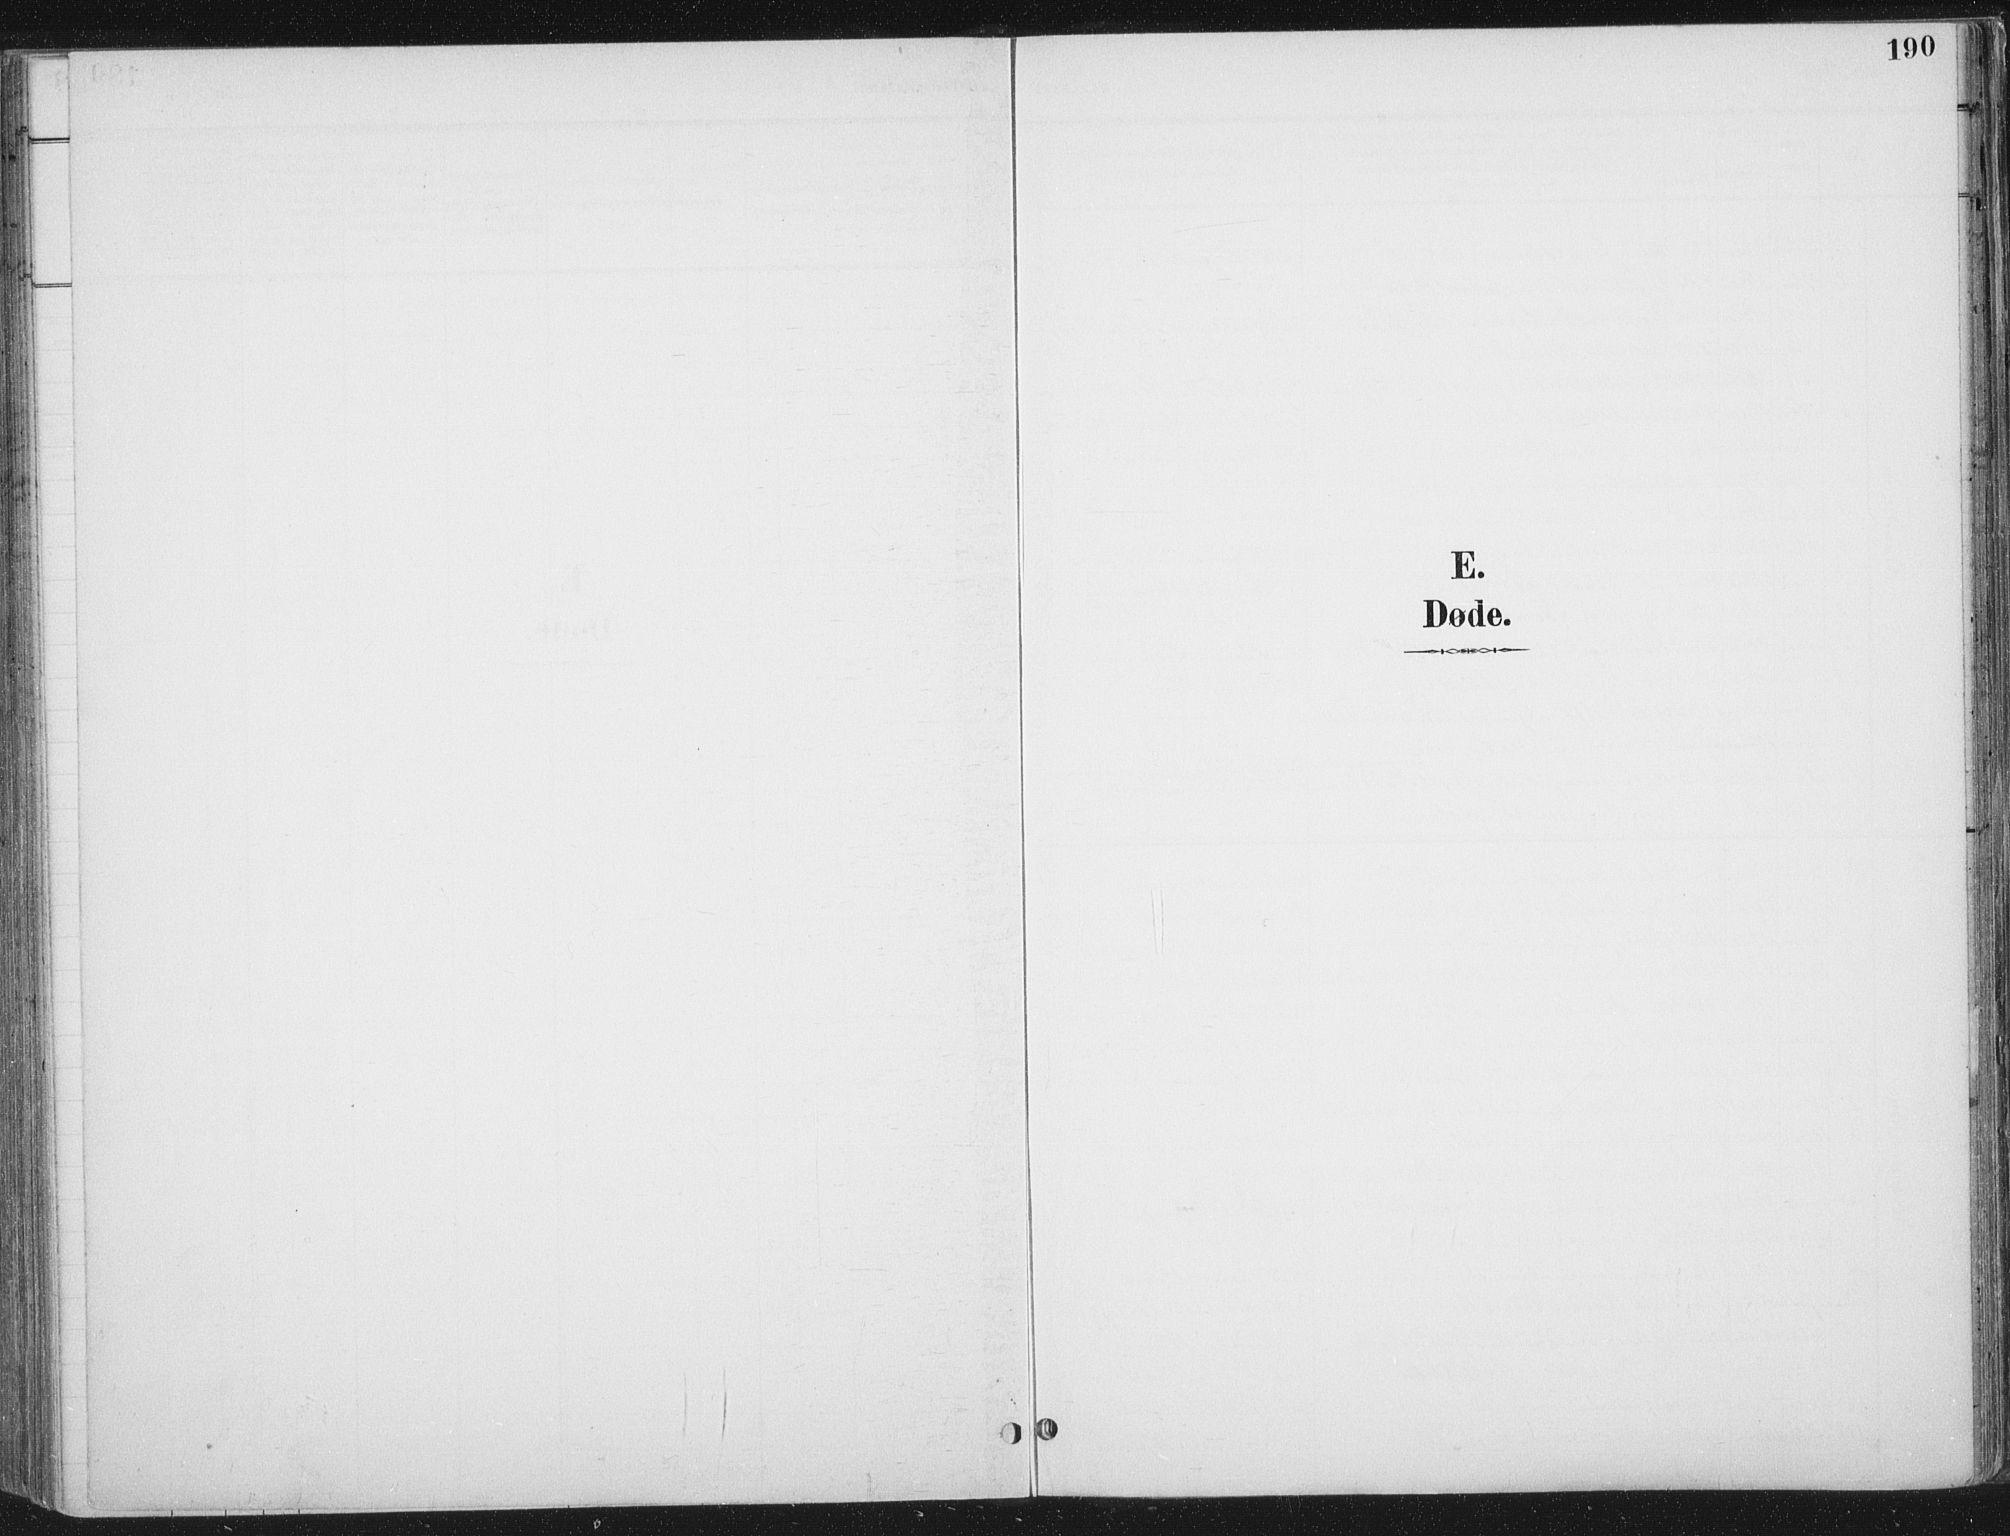 SAT, Ministerialprotokoller, klokkerbøker og fødselsregistre - Nord-Trøndelag, 709/L0082: Ministerialbok nr. 709A22, 1896-1916, s. 190